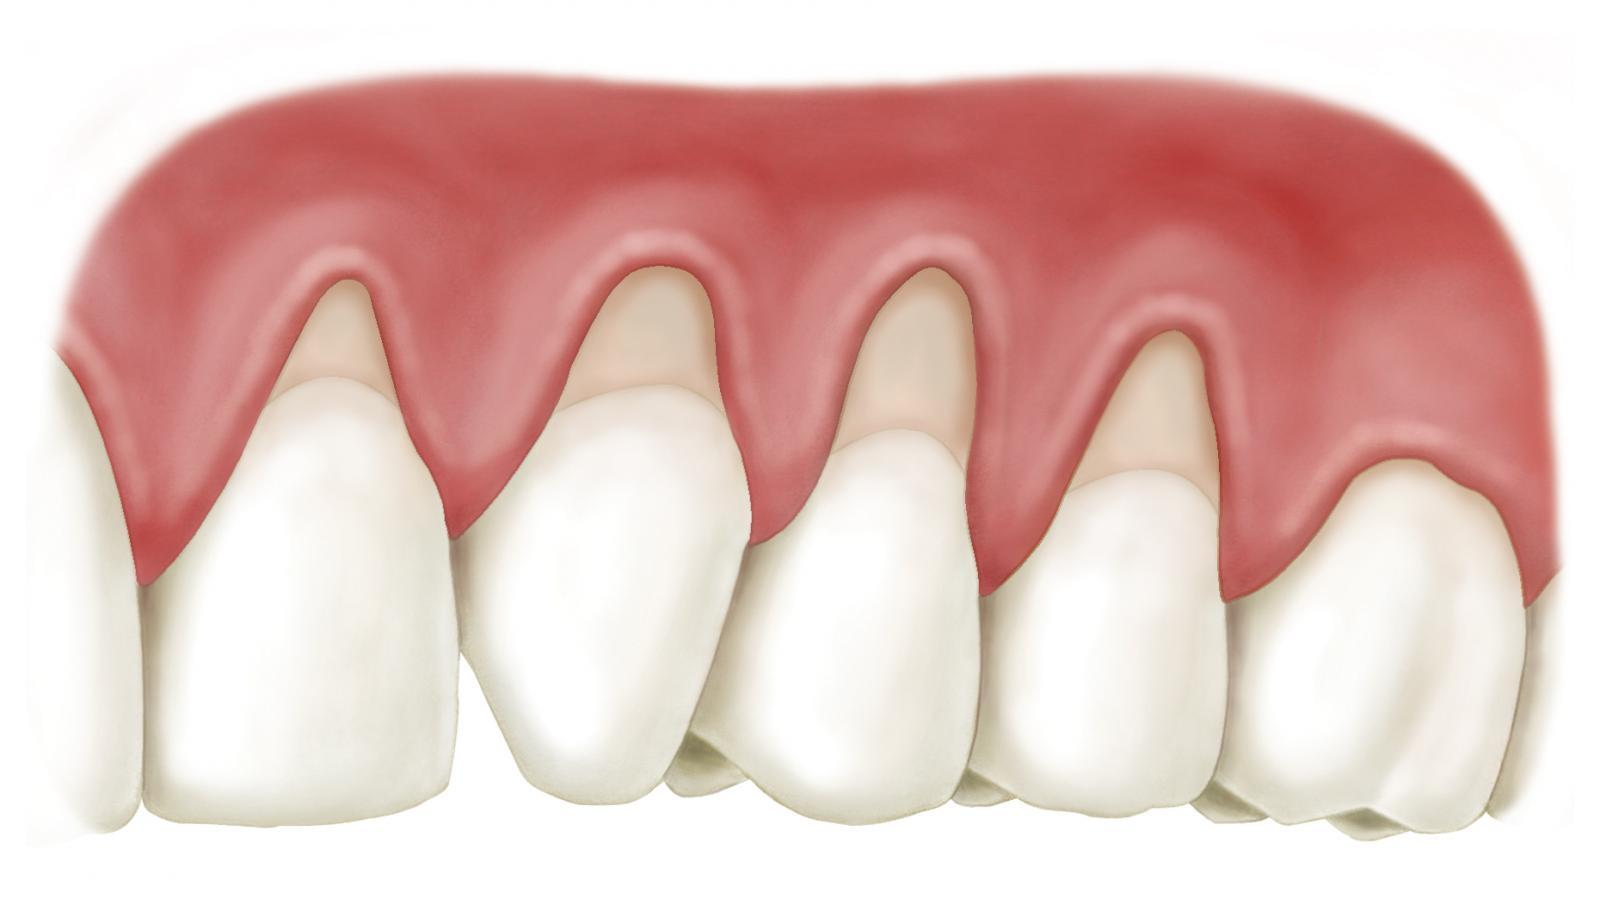 Theo thời gian, nướu răng bị tụt dần để lộ lớp ngà chân răng. Lúc này acid trọng nước bọt và thực phẩm làm men chân răng mỏng dần đi. Từ đó hệ thống dây thần kinh bên trong nhạy cảm và dễ bị kích thích làm ê buốt.